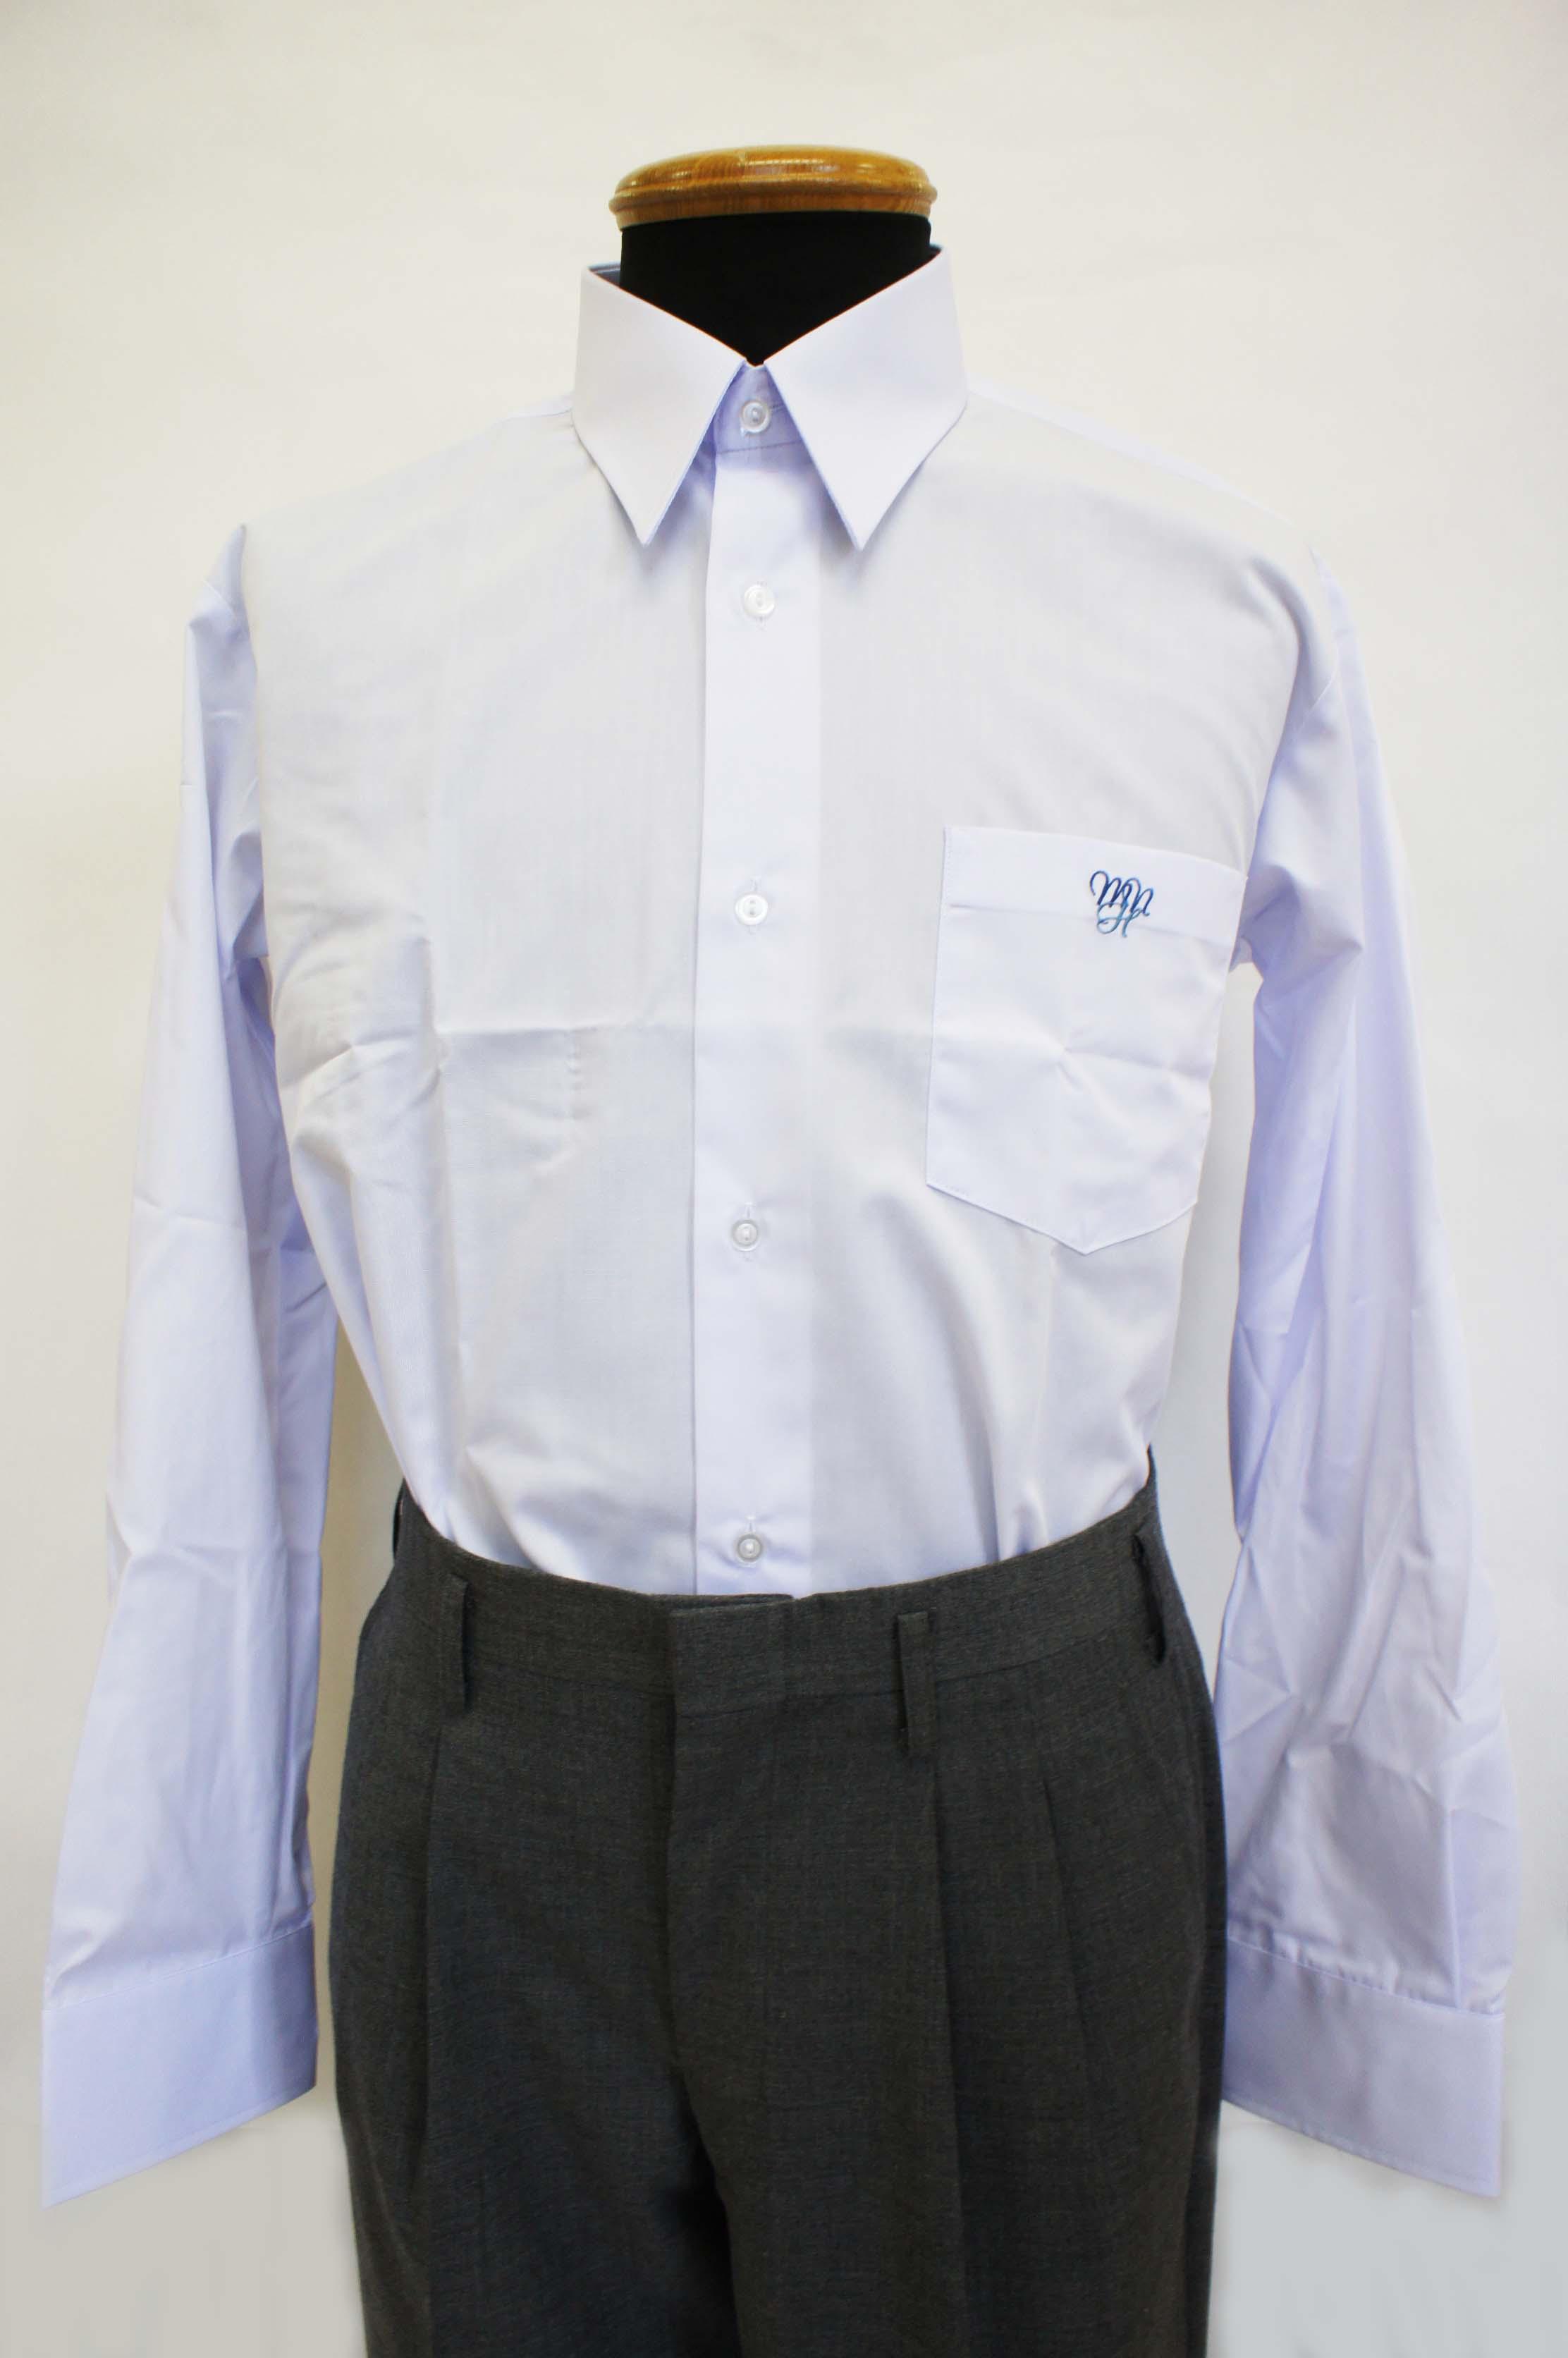 ○八 Yシャツ(長袖) S 37-78 明大グッズ ネットショップ